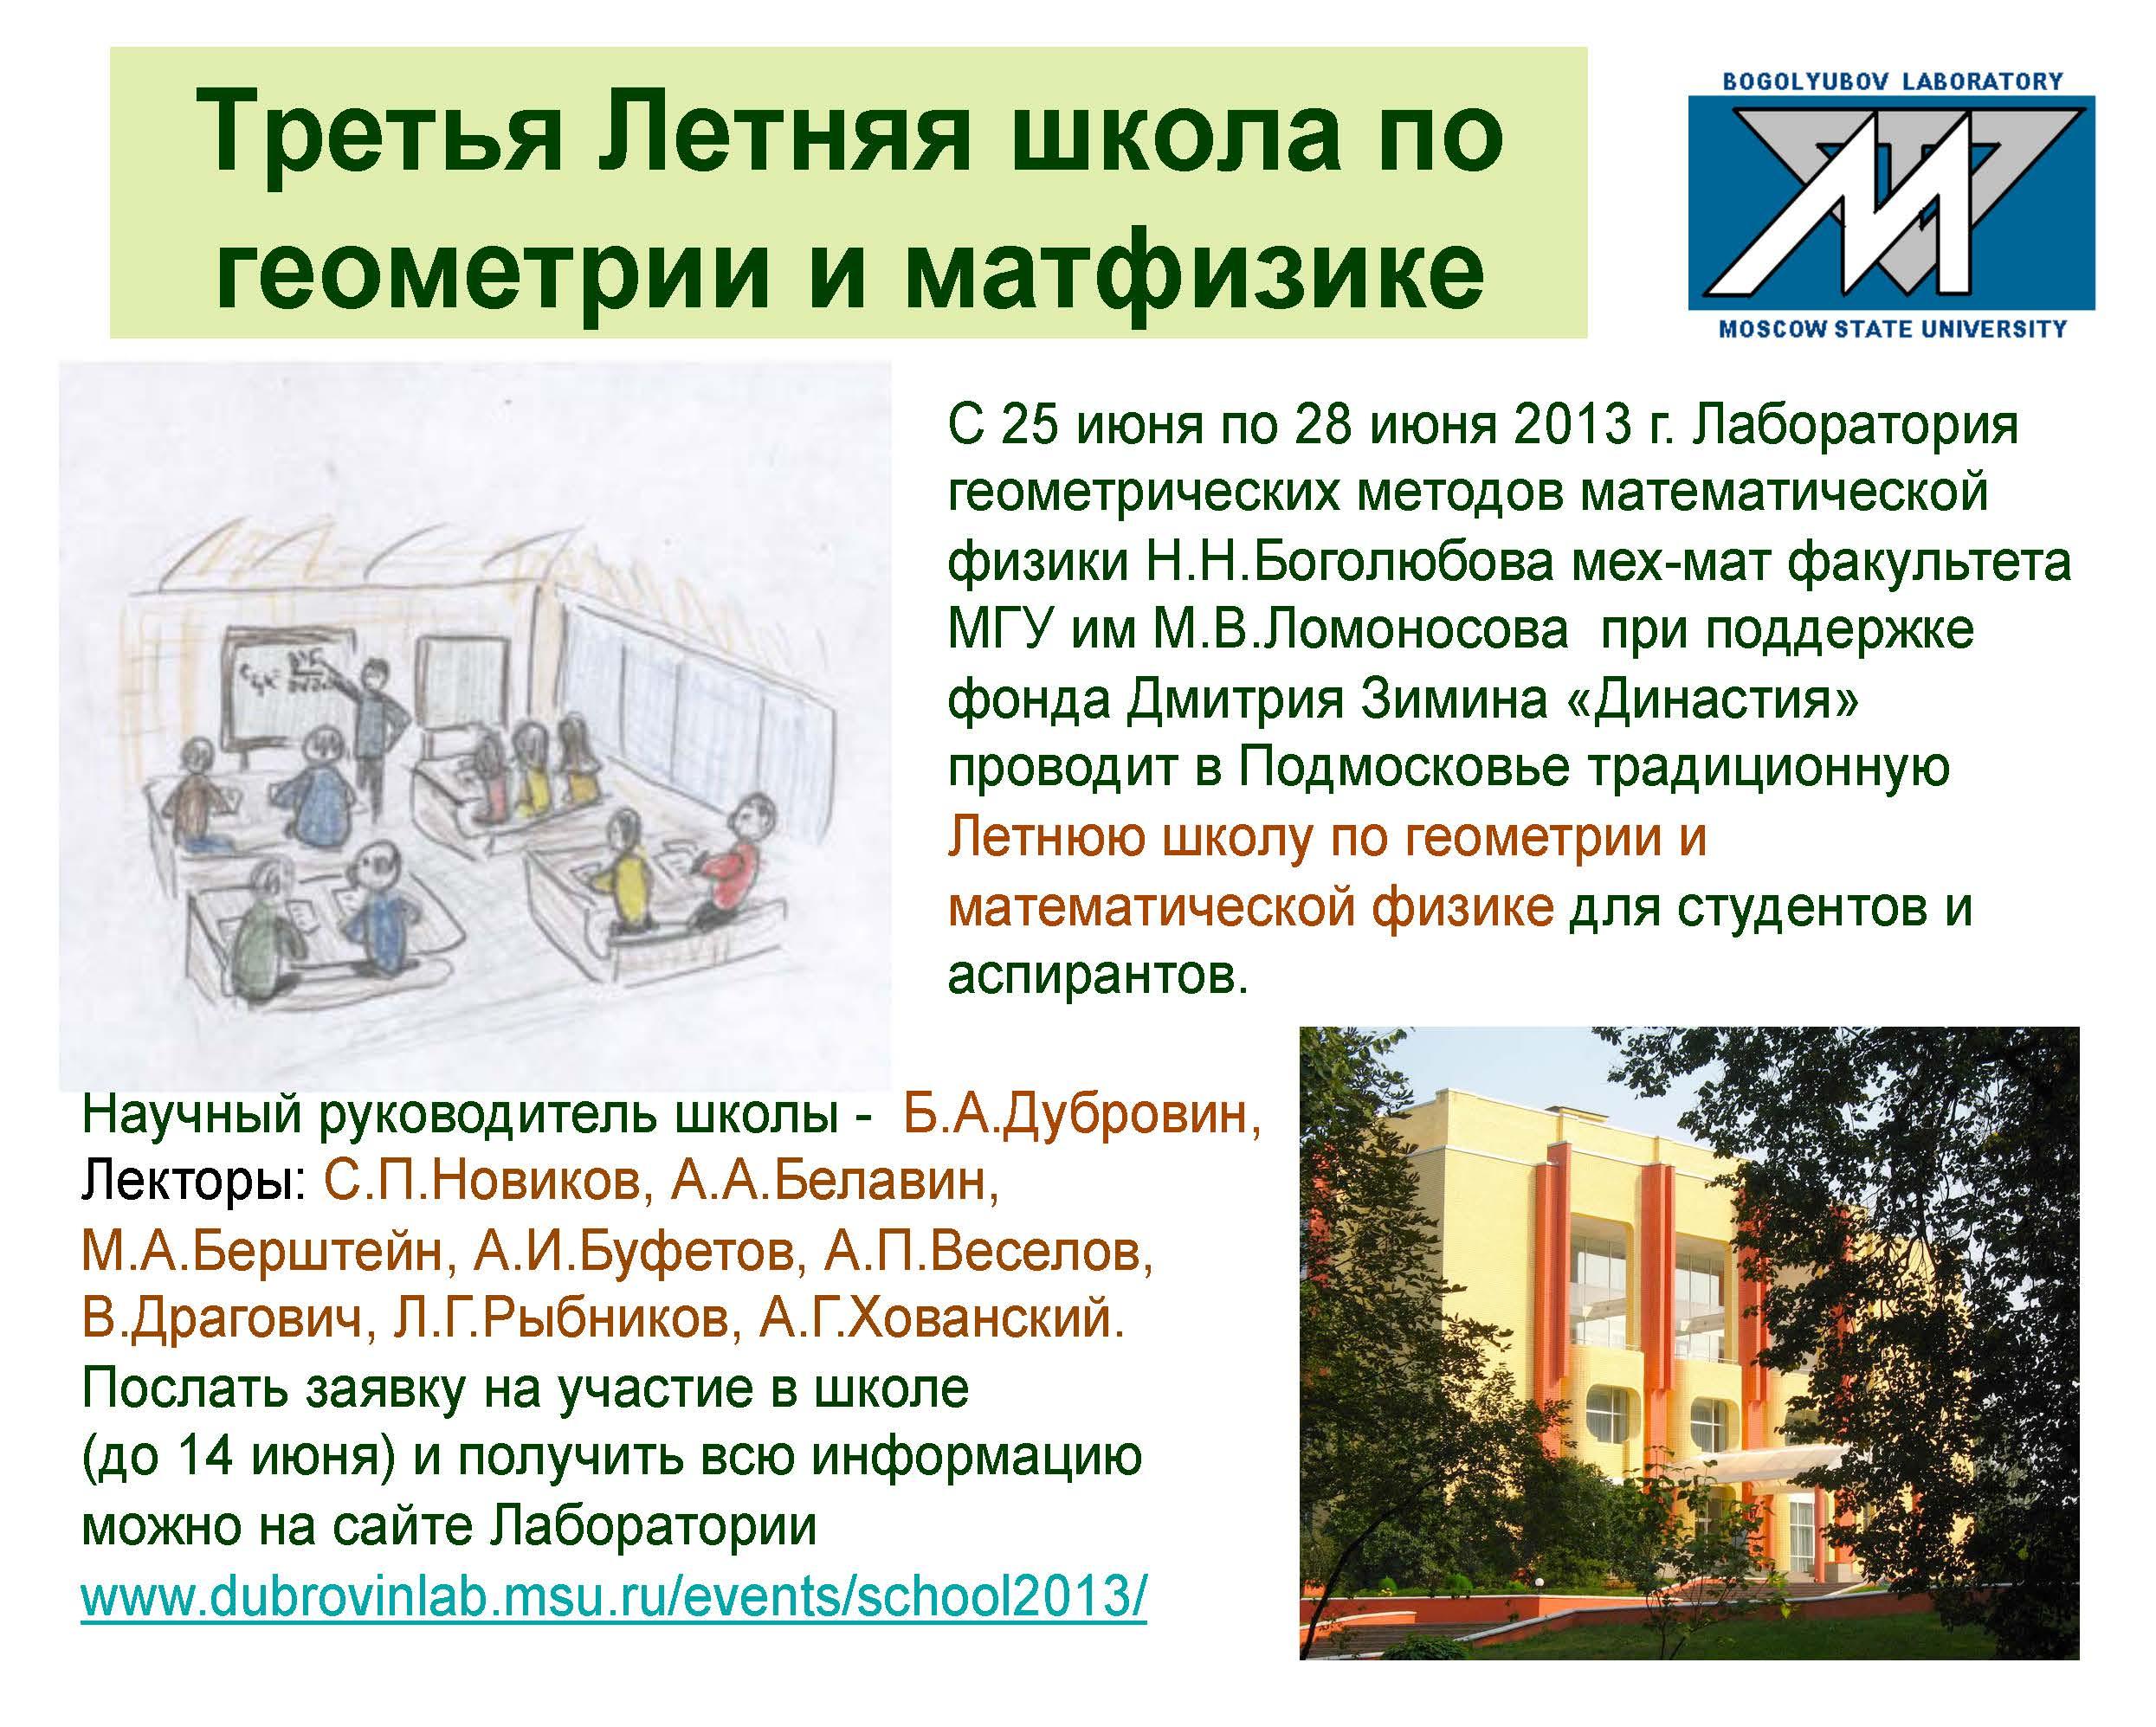 Постер школы